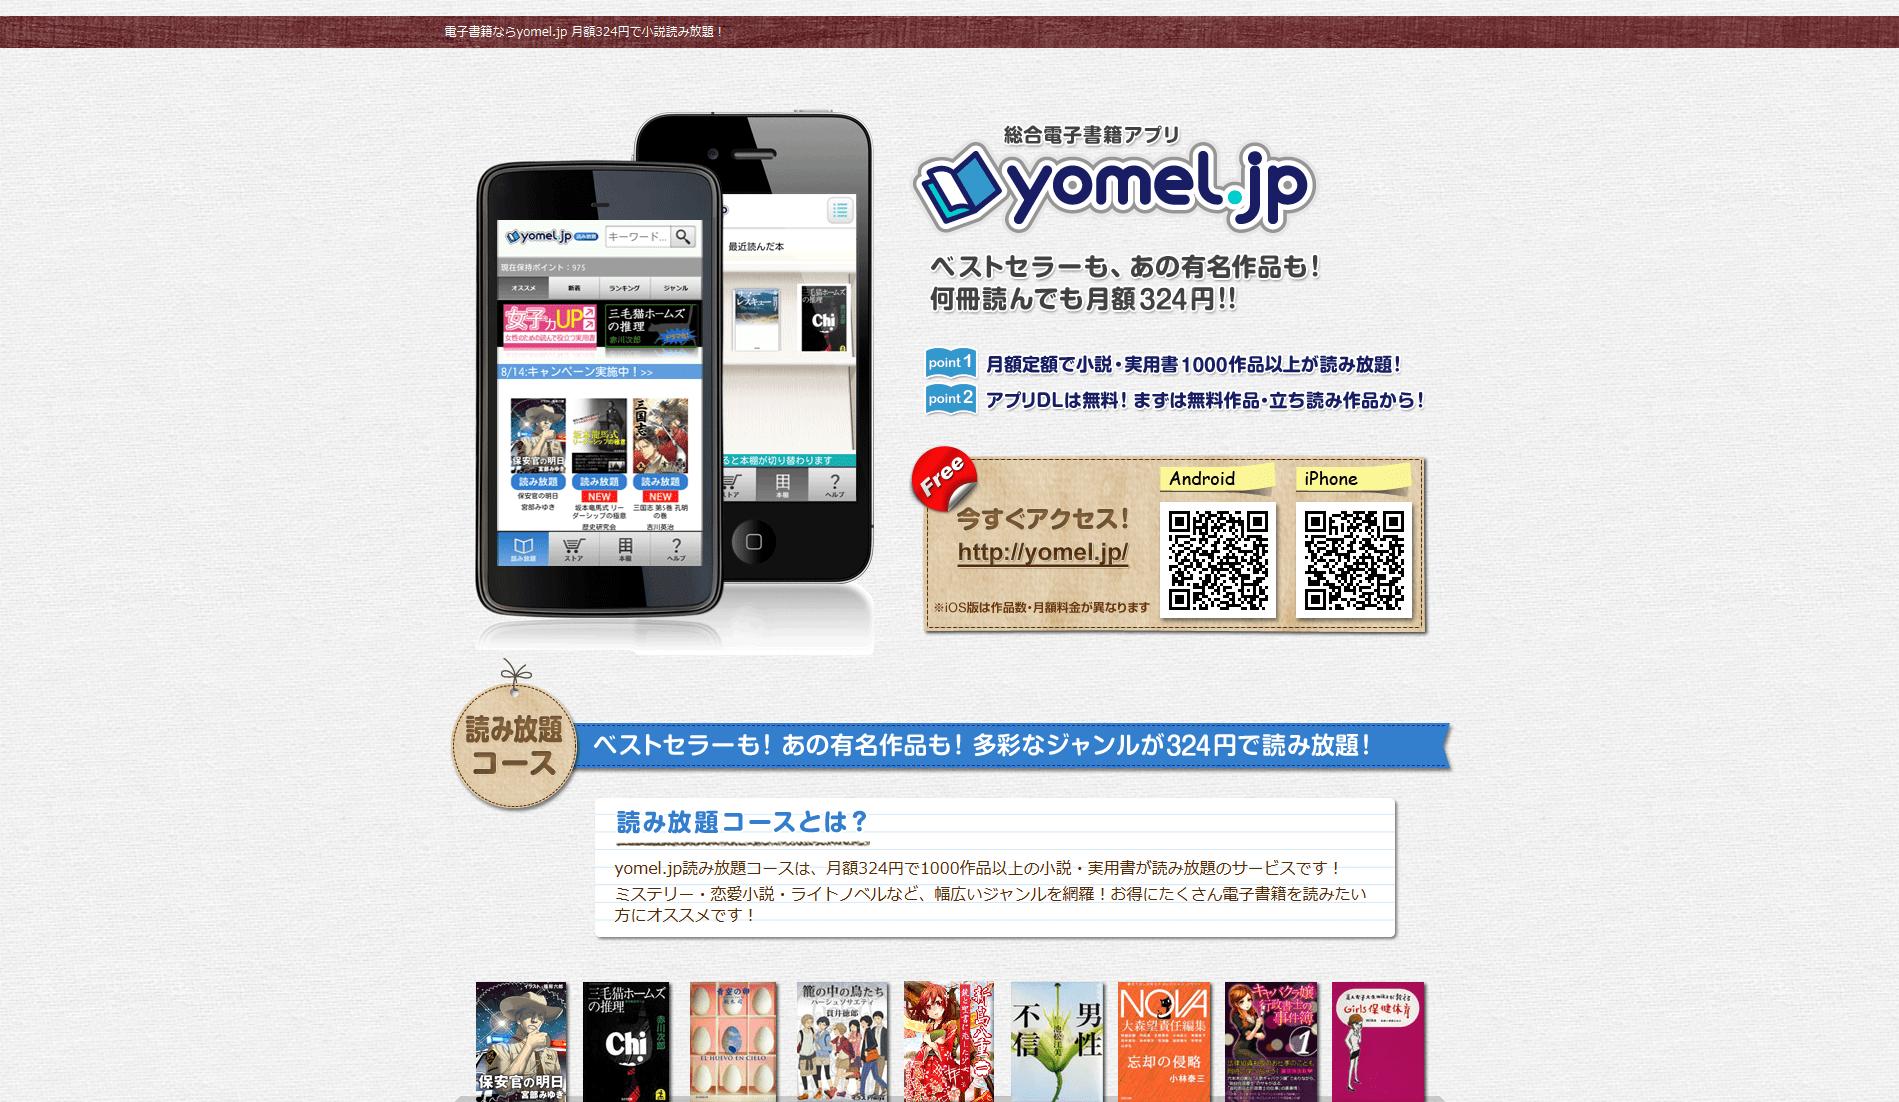 電子書籍アプリ・小説読み放題月額-yomel.jp